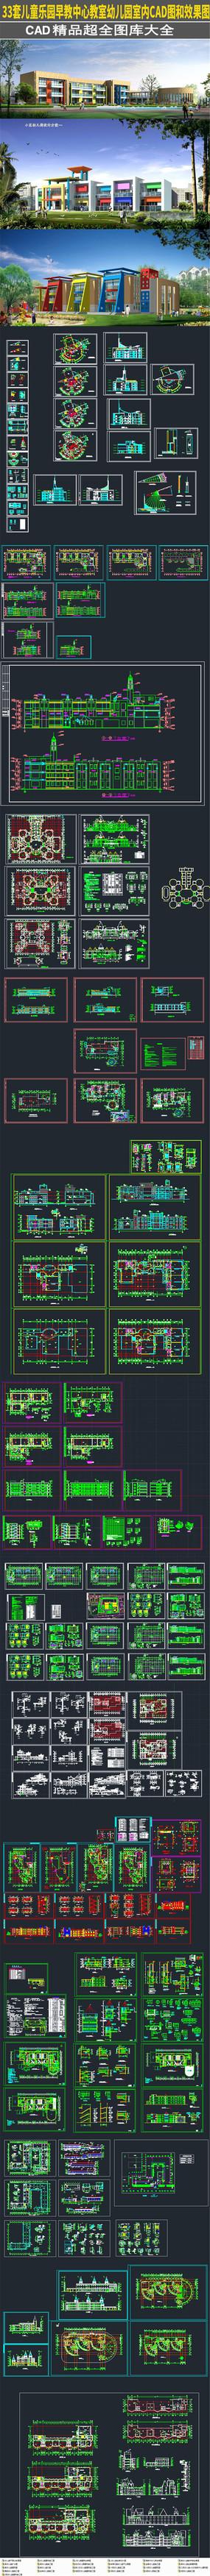 33套儿童乐园早教中心幼儿园CAD效果图